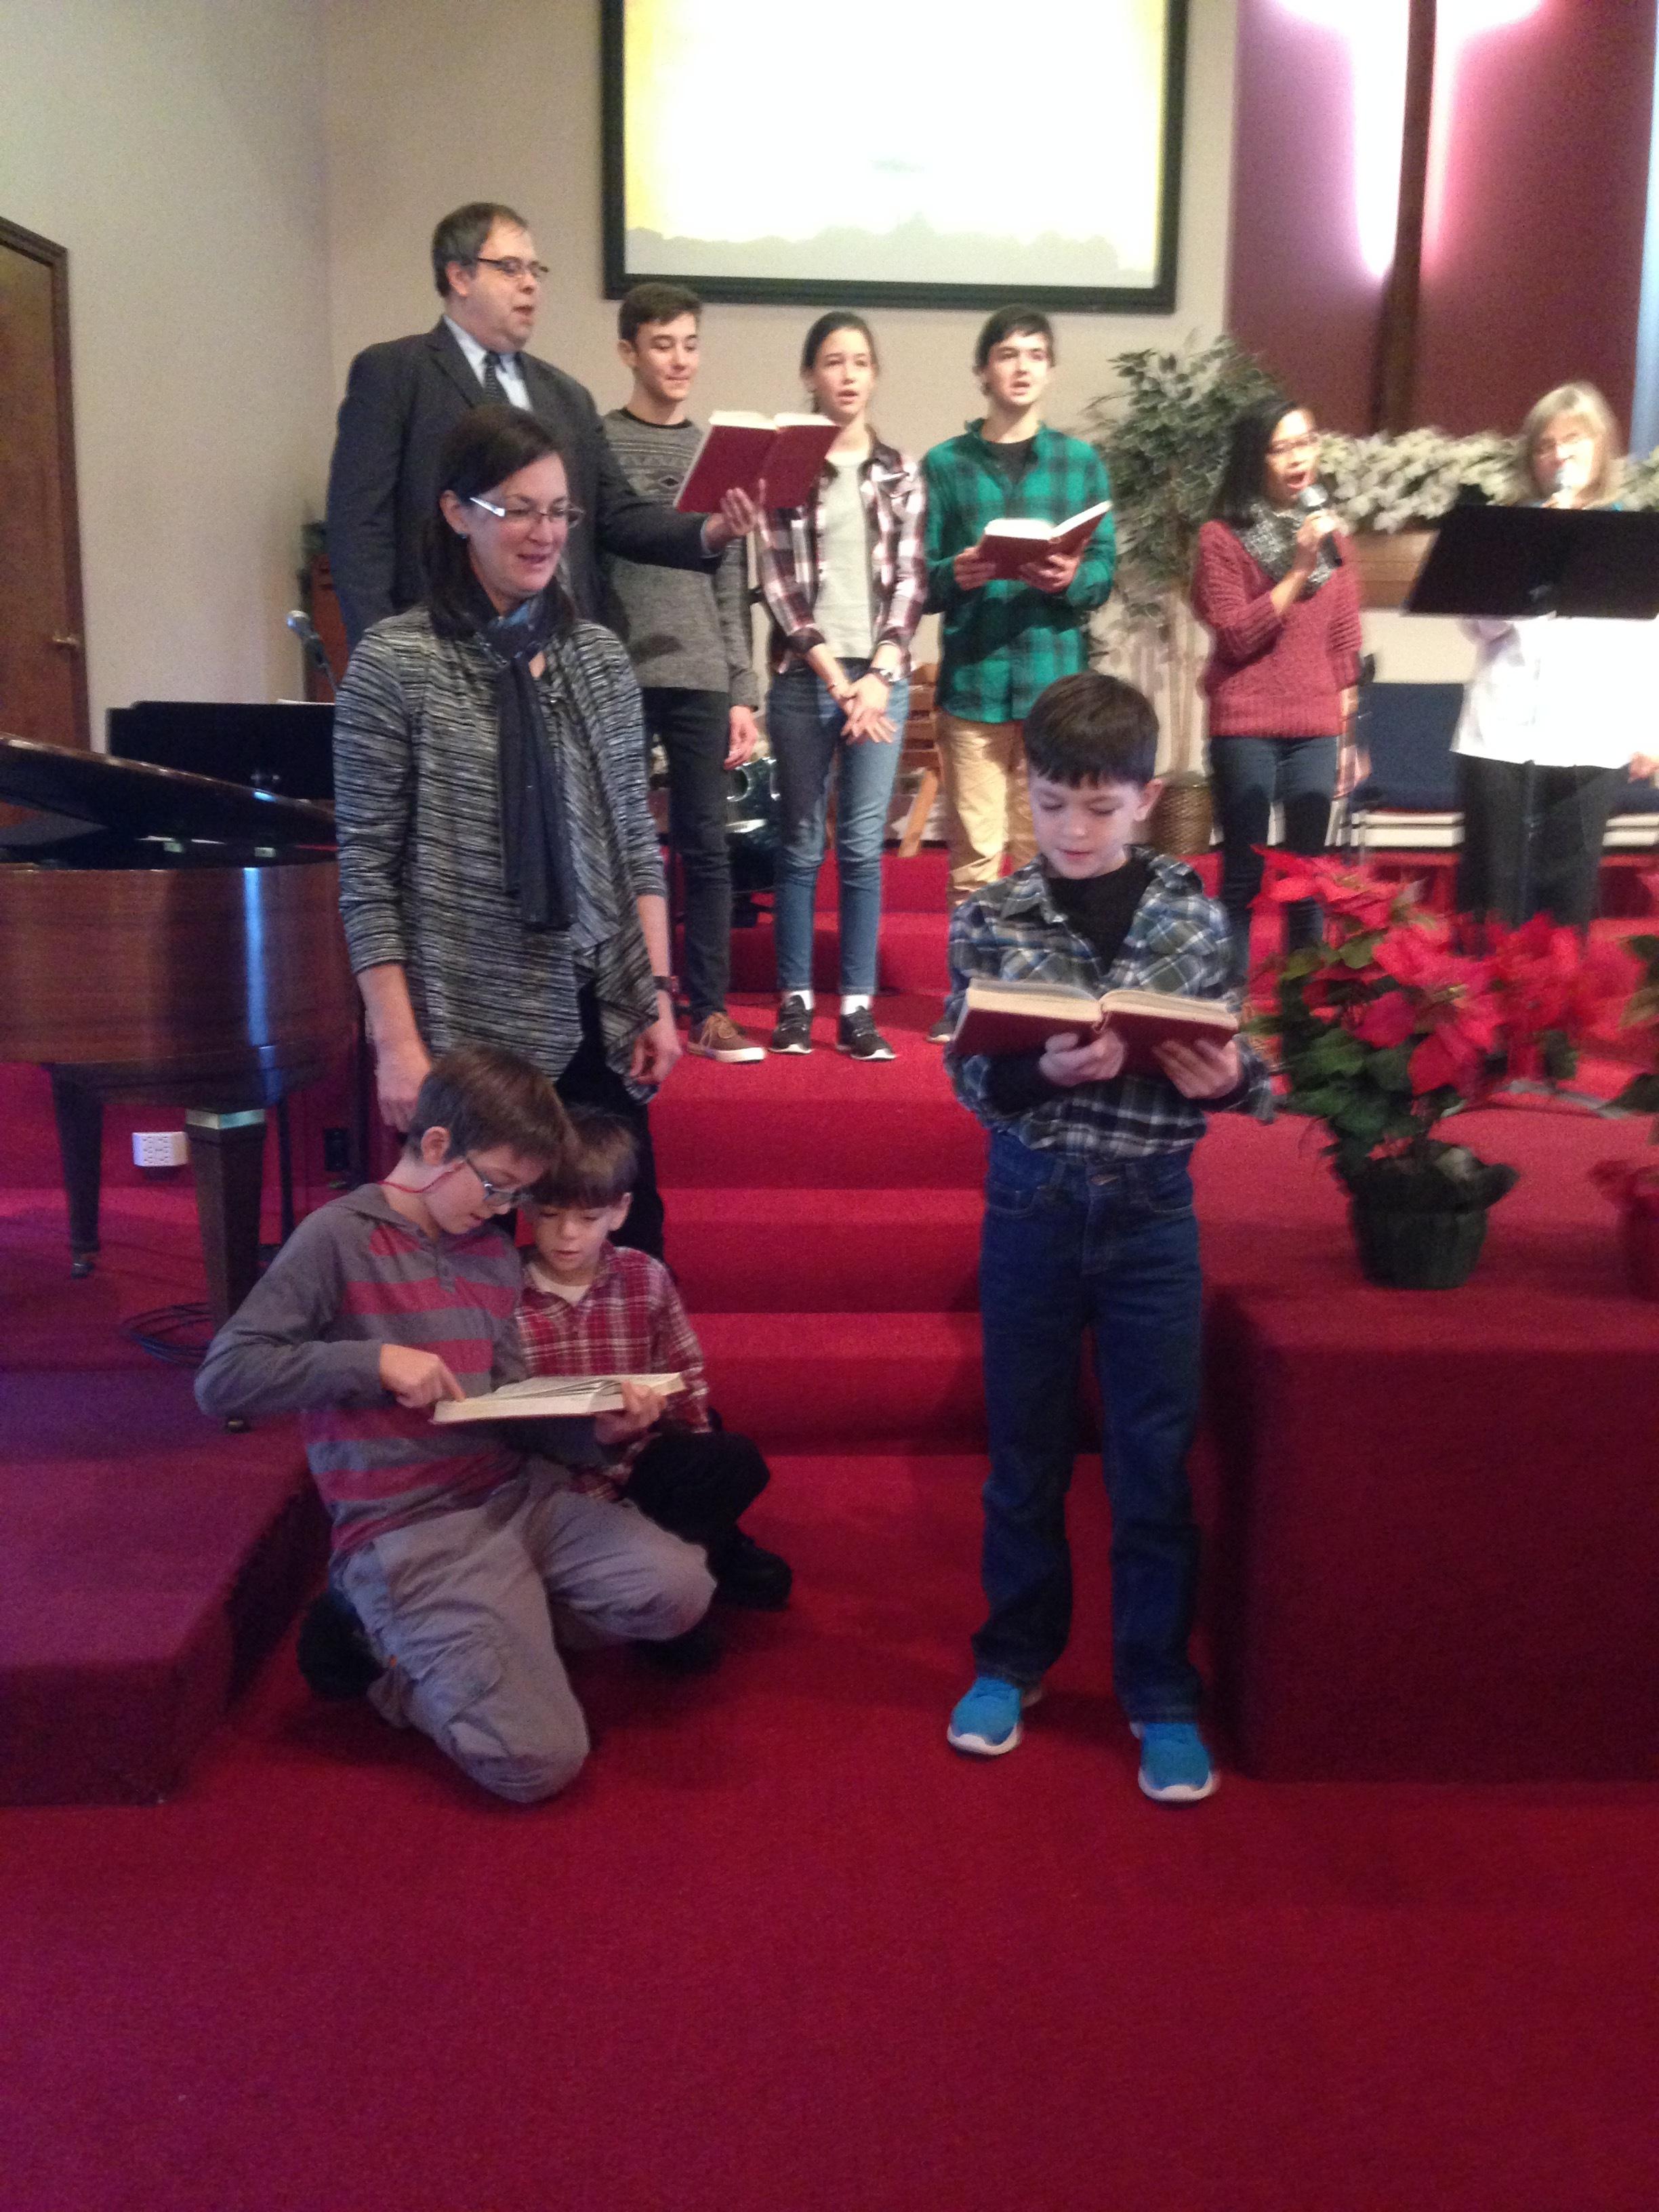 familyleading hymn.JPG